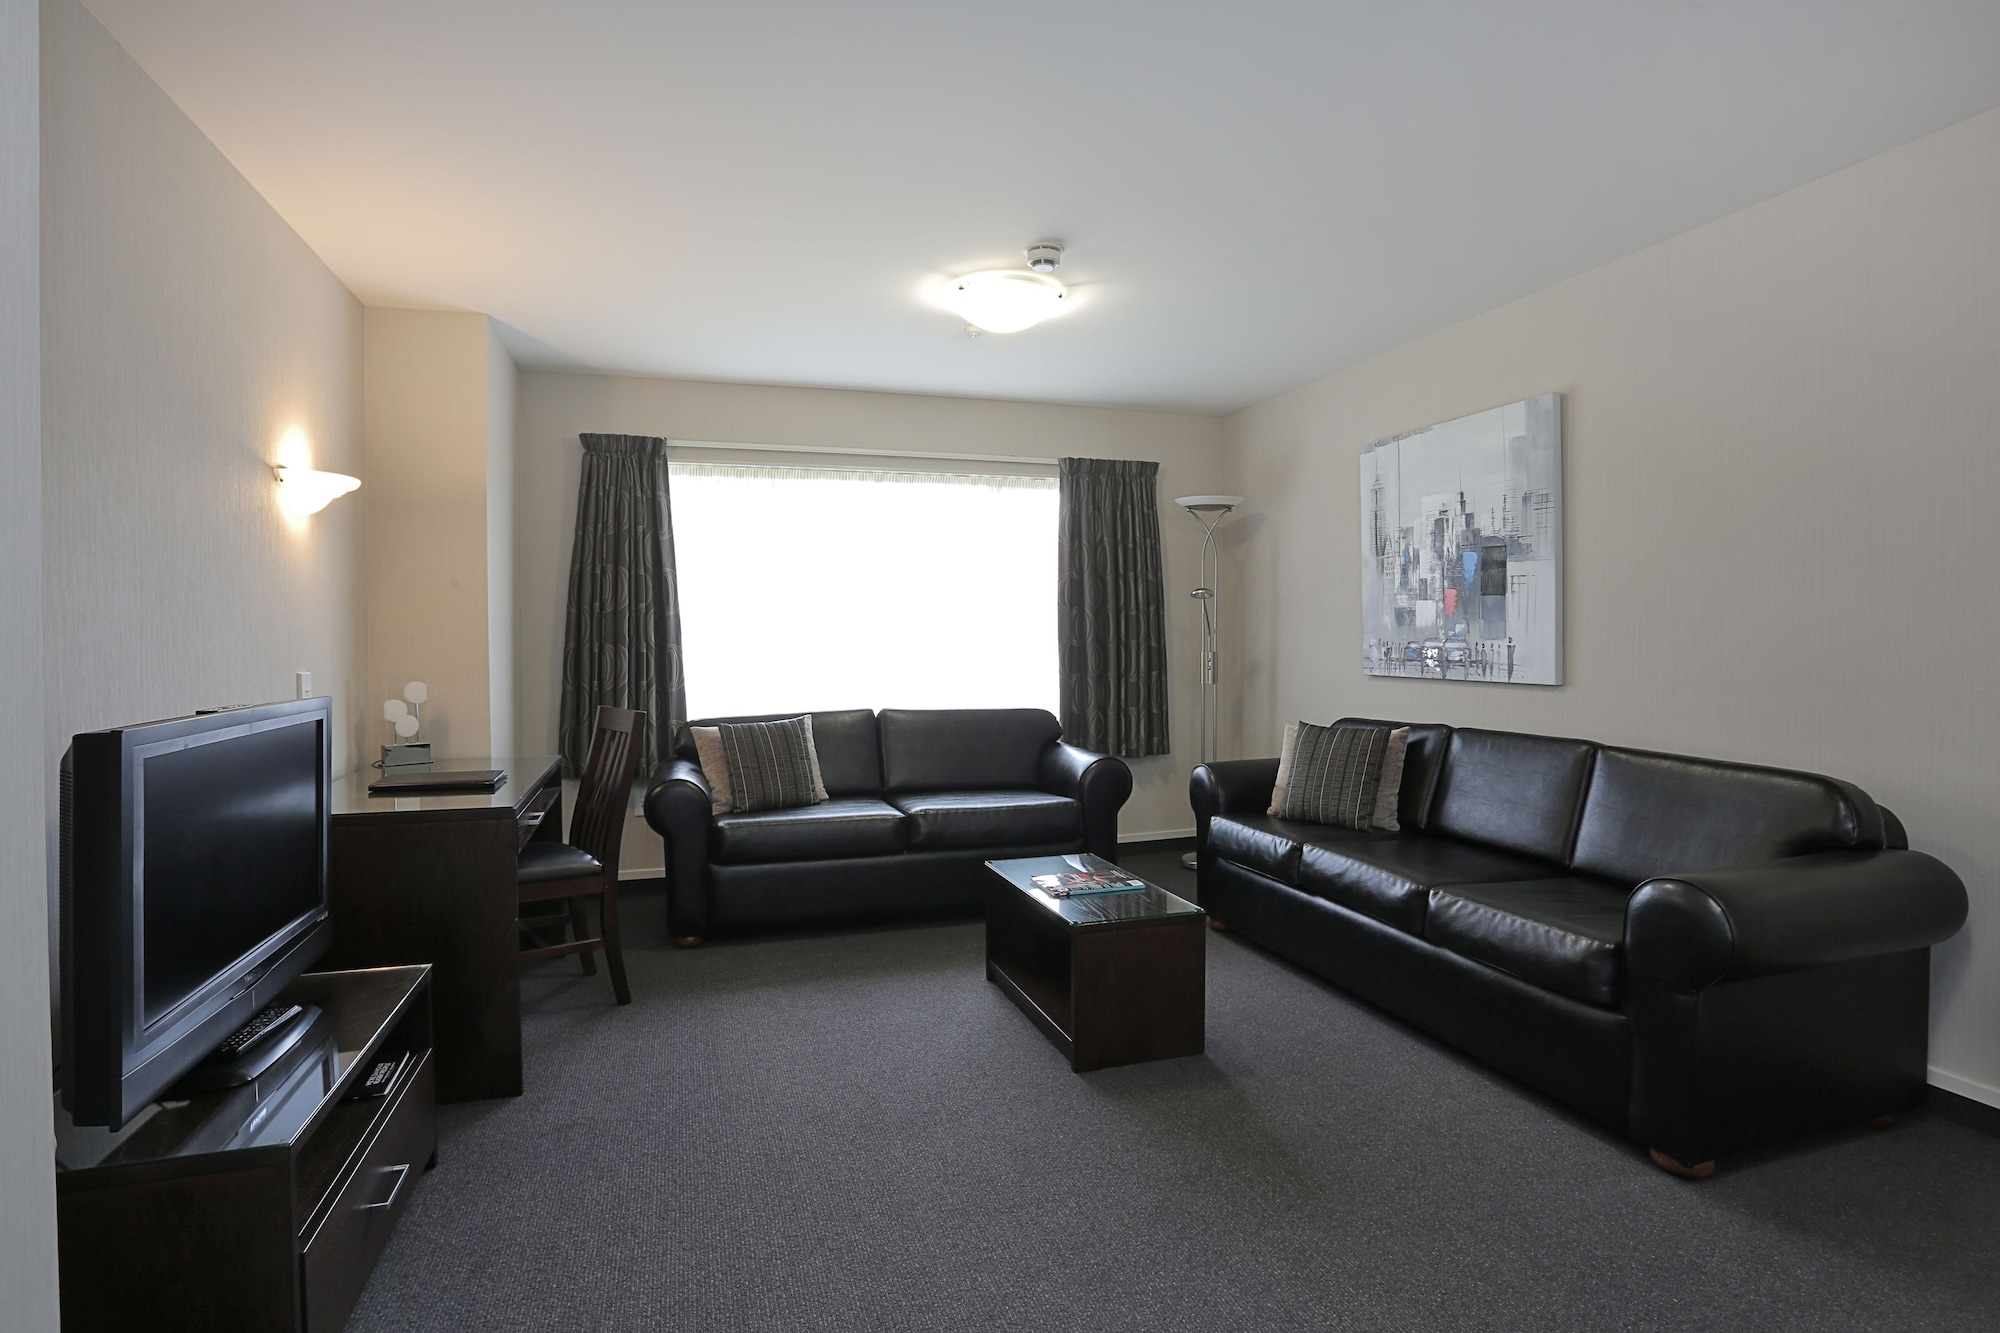 Homestead Villa Motel, Invercargill